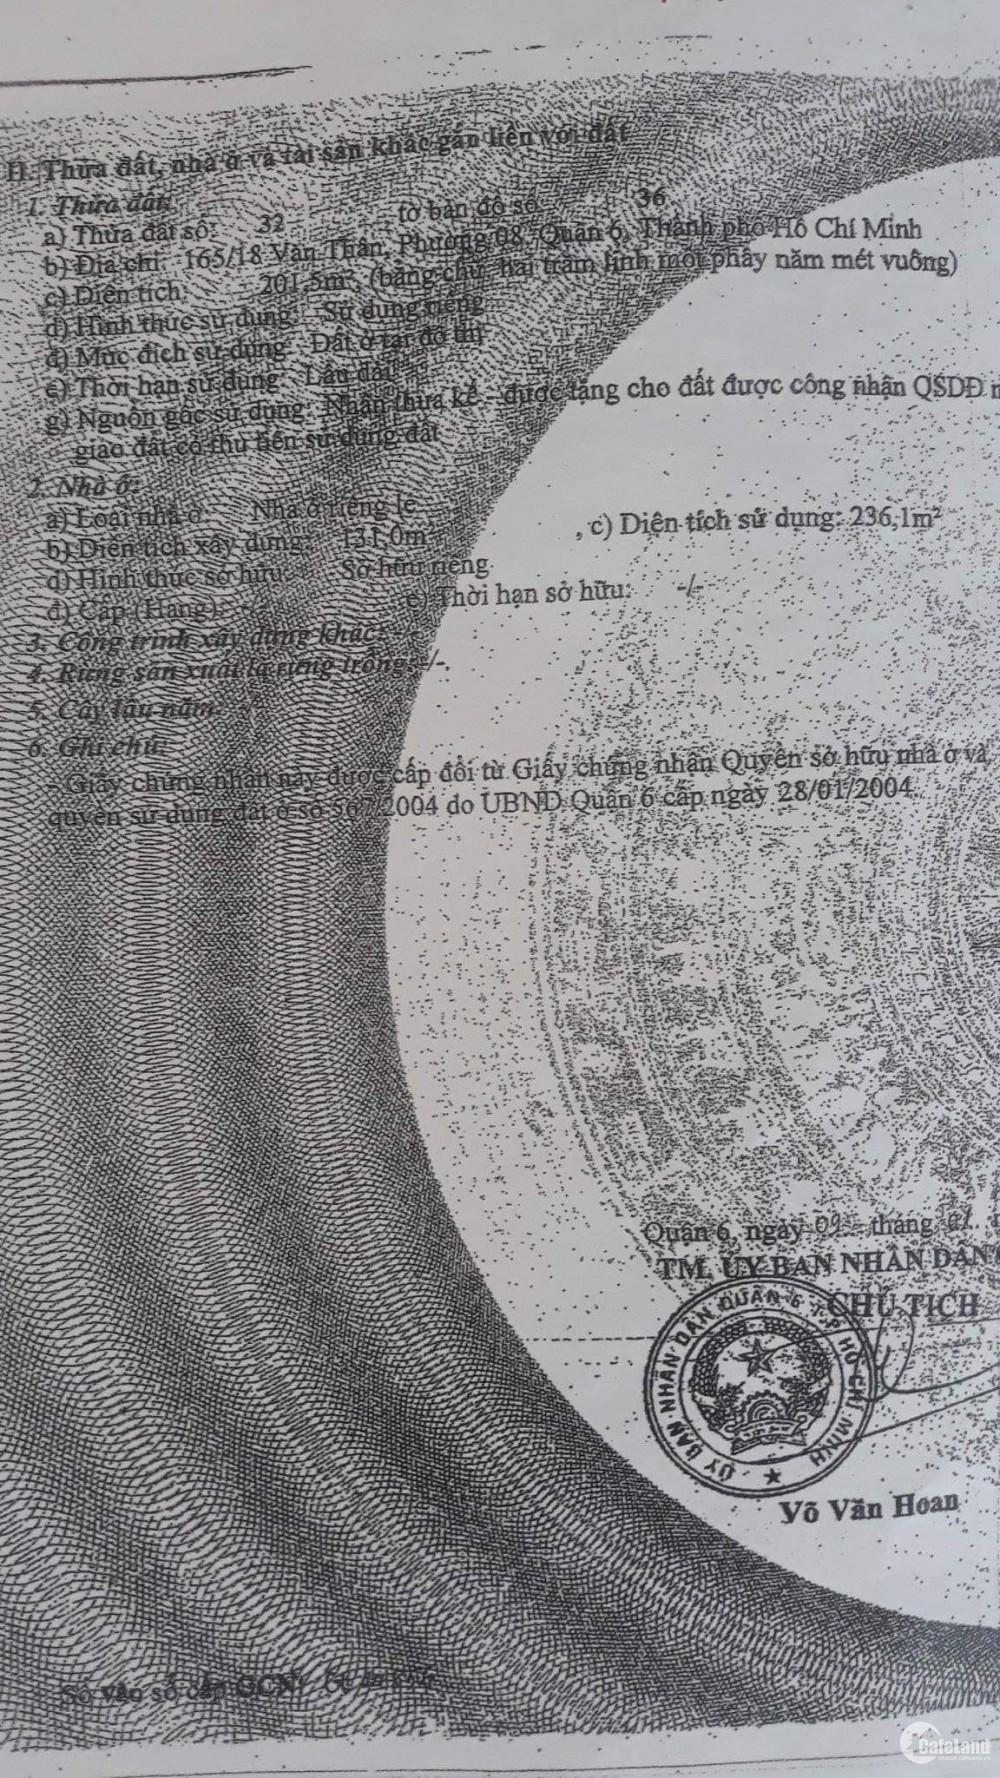 NHÀ HOT NHẤT KHU VỰC QUẬN 6 GIÁ SIÊU TỐT CHƯA TỚI 45TR/M